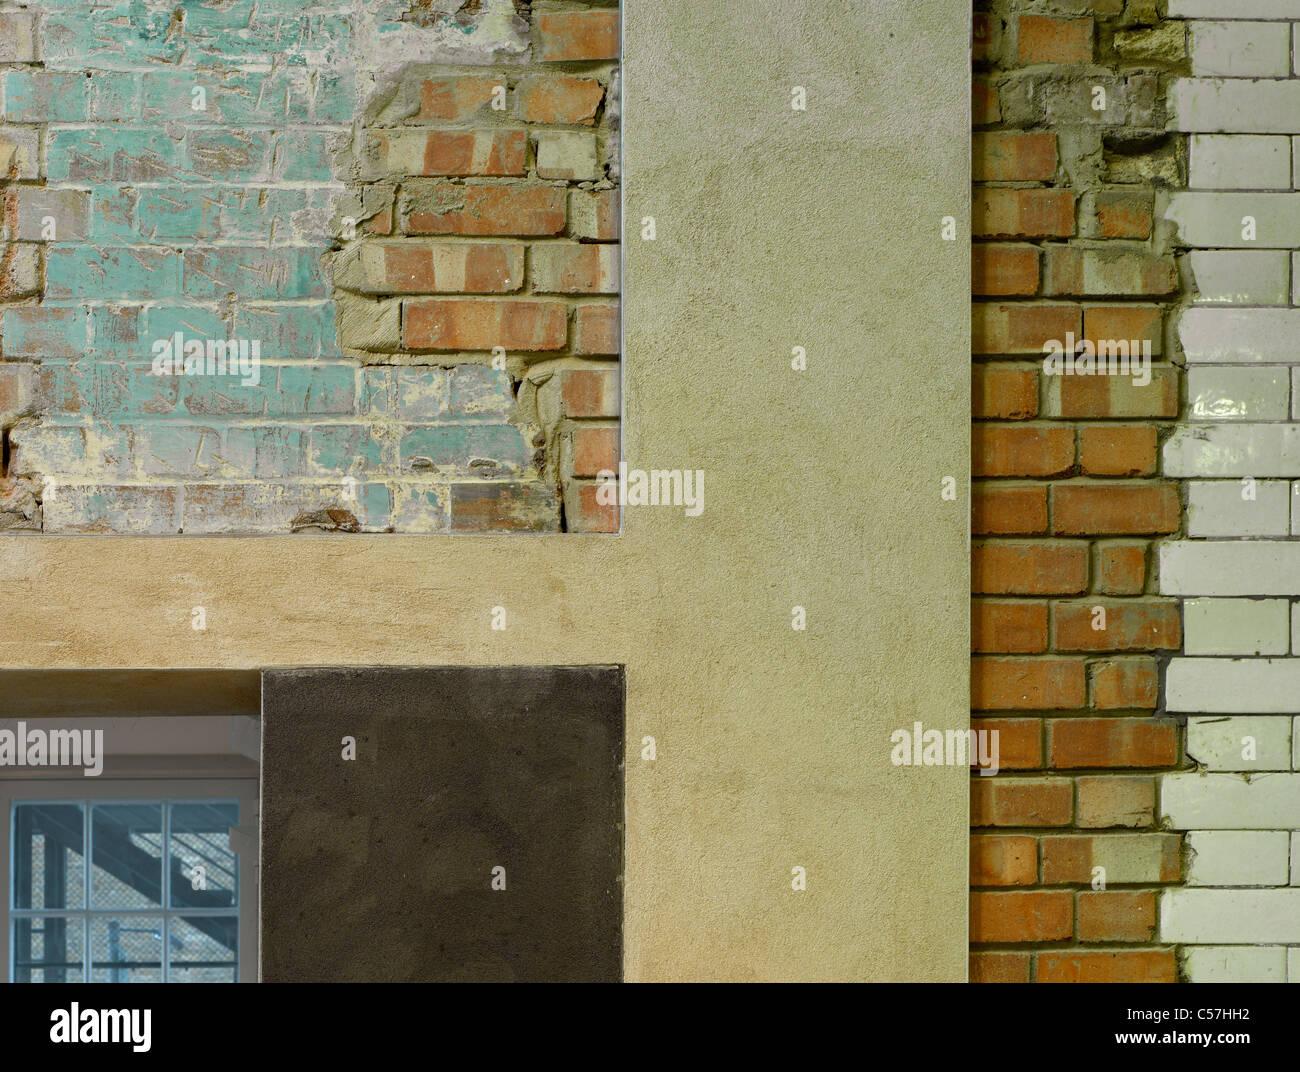 Siobhan Davies Dance Studios, London, 2006. Detail of original brickwork and refurbishment render. - Stock Image